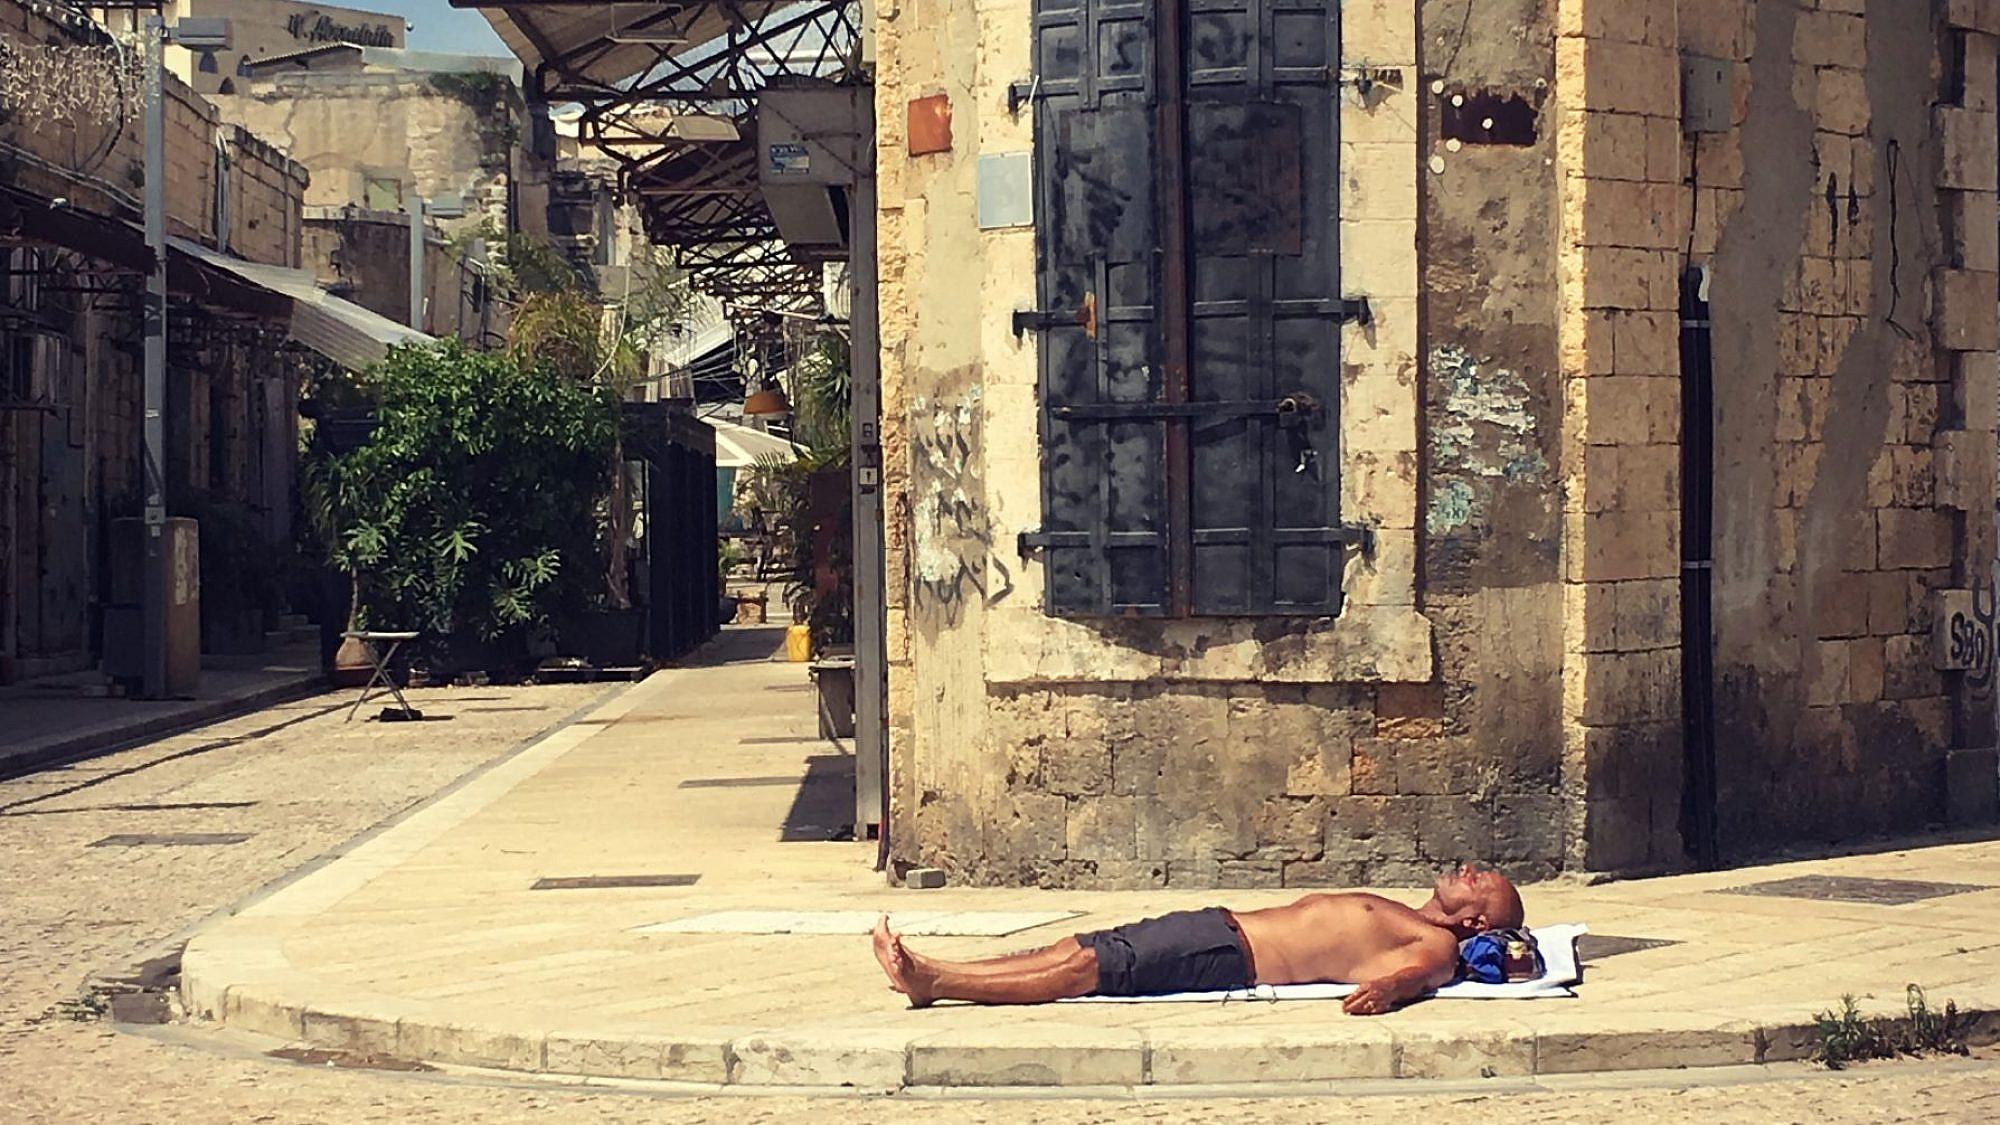 האיש המשתזף. צילום: נטלי פיק, השוק היווני ביפו